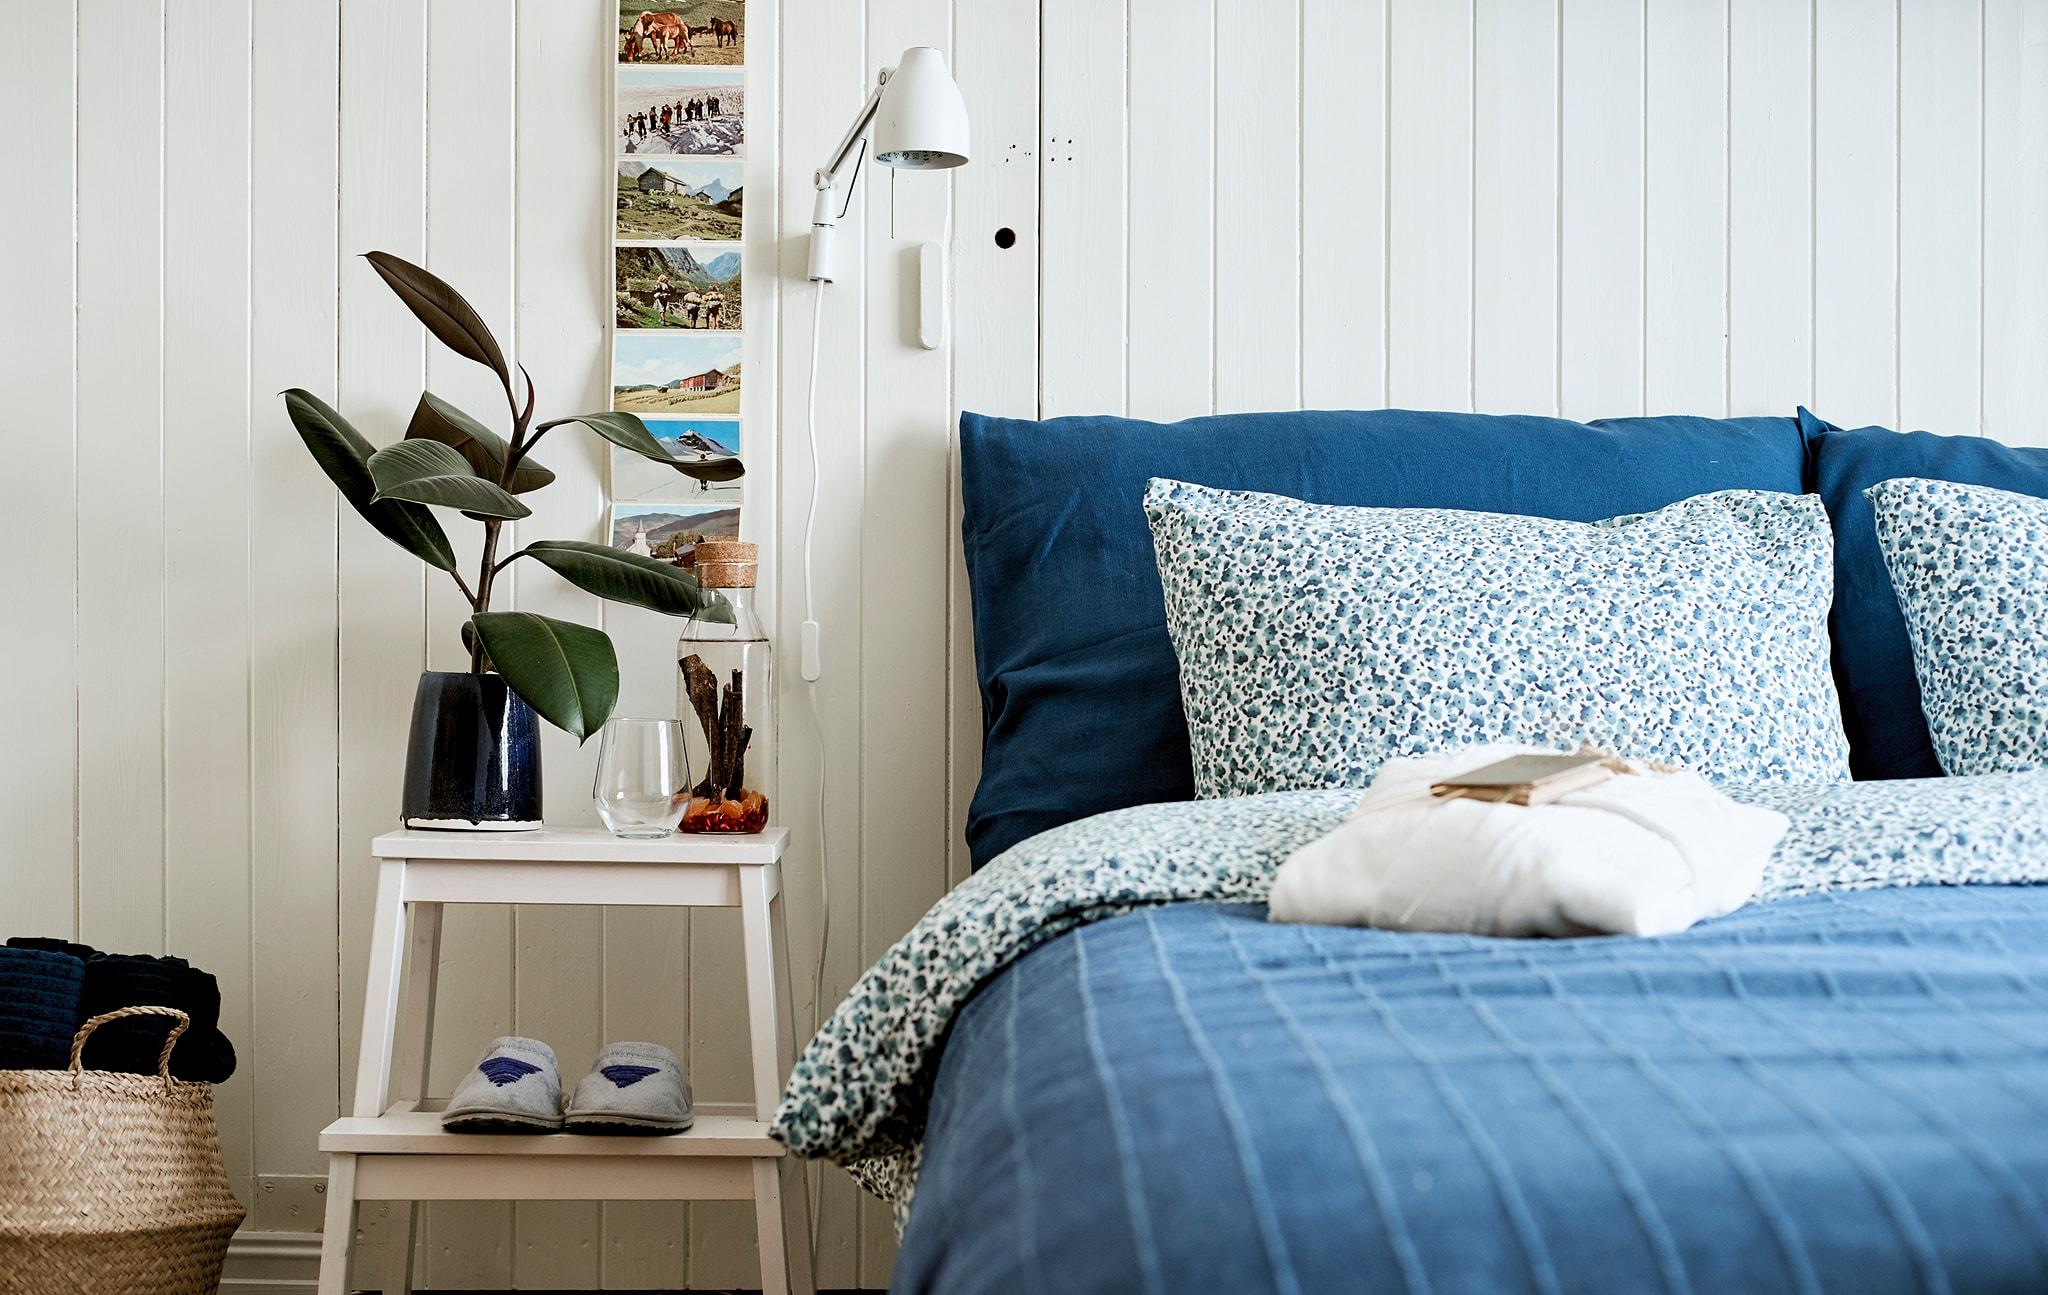 Sebuah tempat tidur dengan seprei berwarna biru, bangku tangga yang berfungsi ganda menjadi meja samping, di atasnya terdapat botol air infus dan gelas minum.